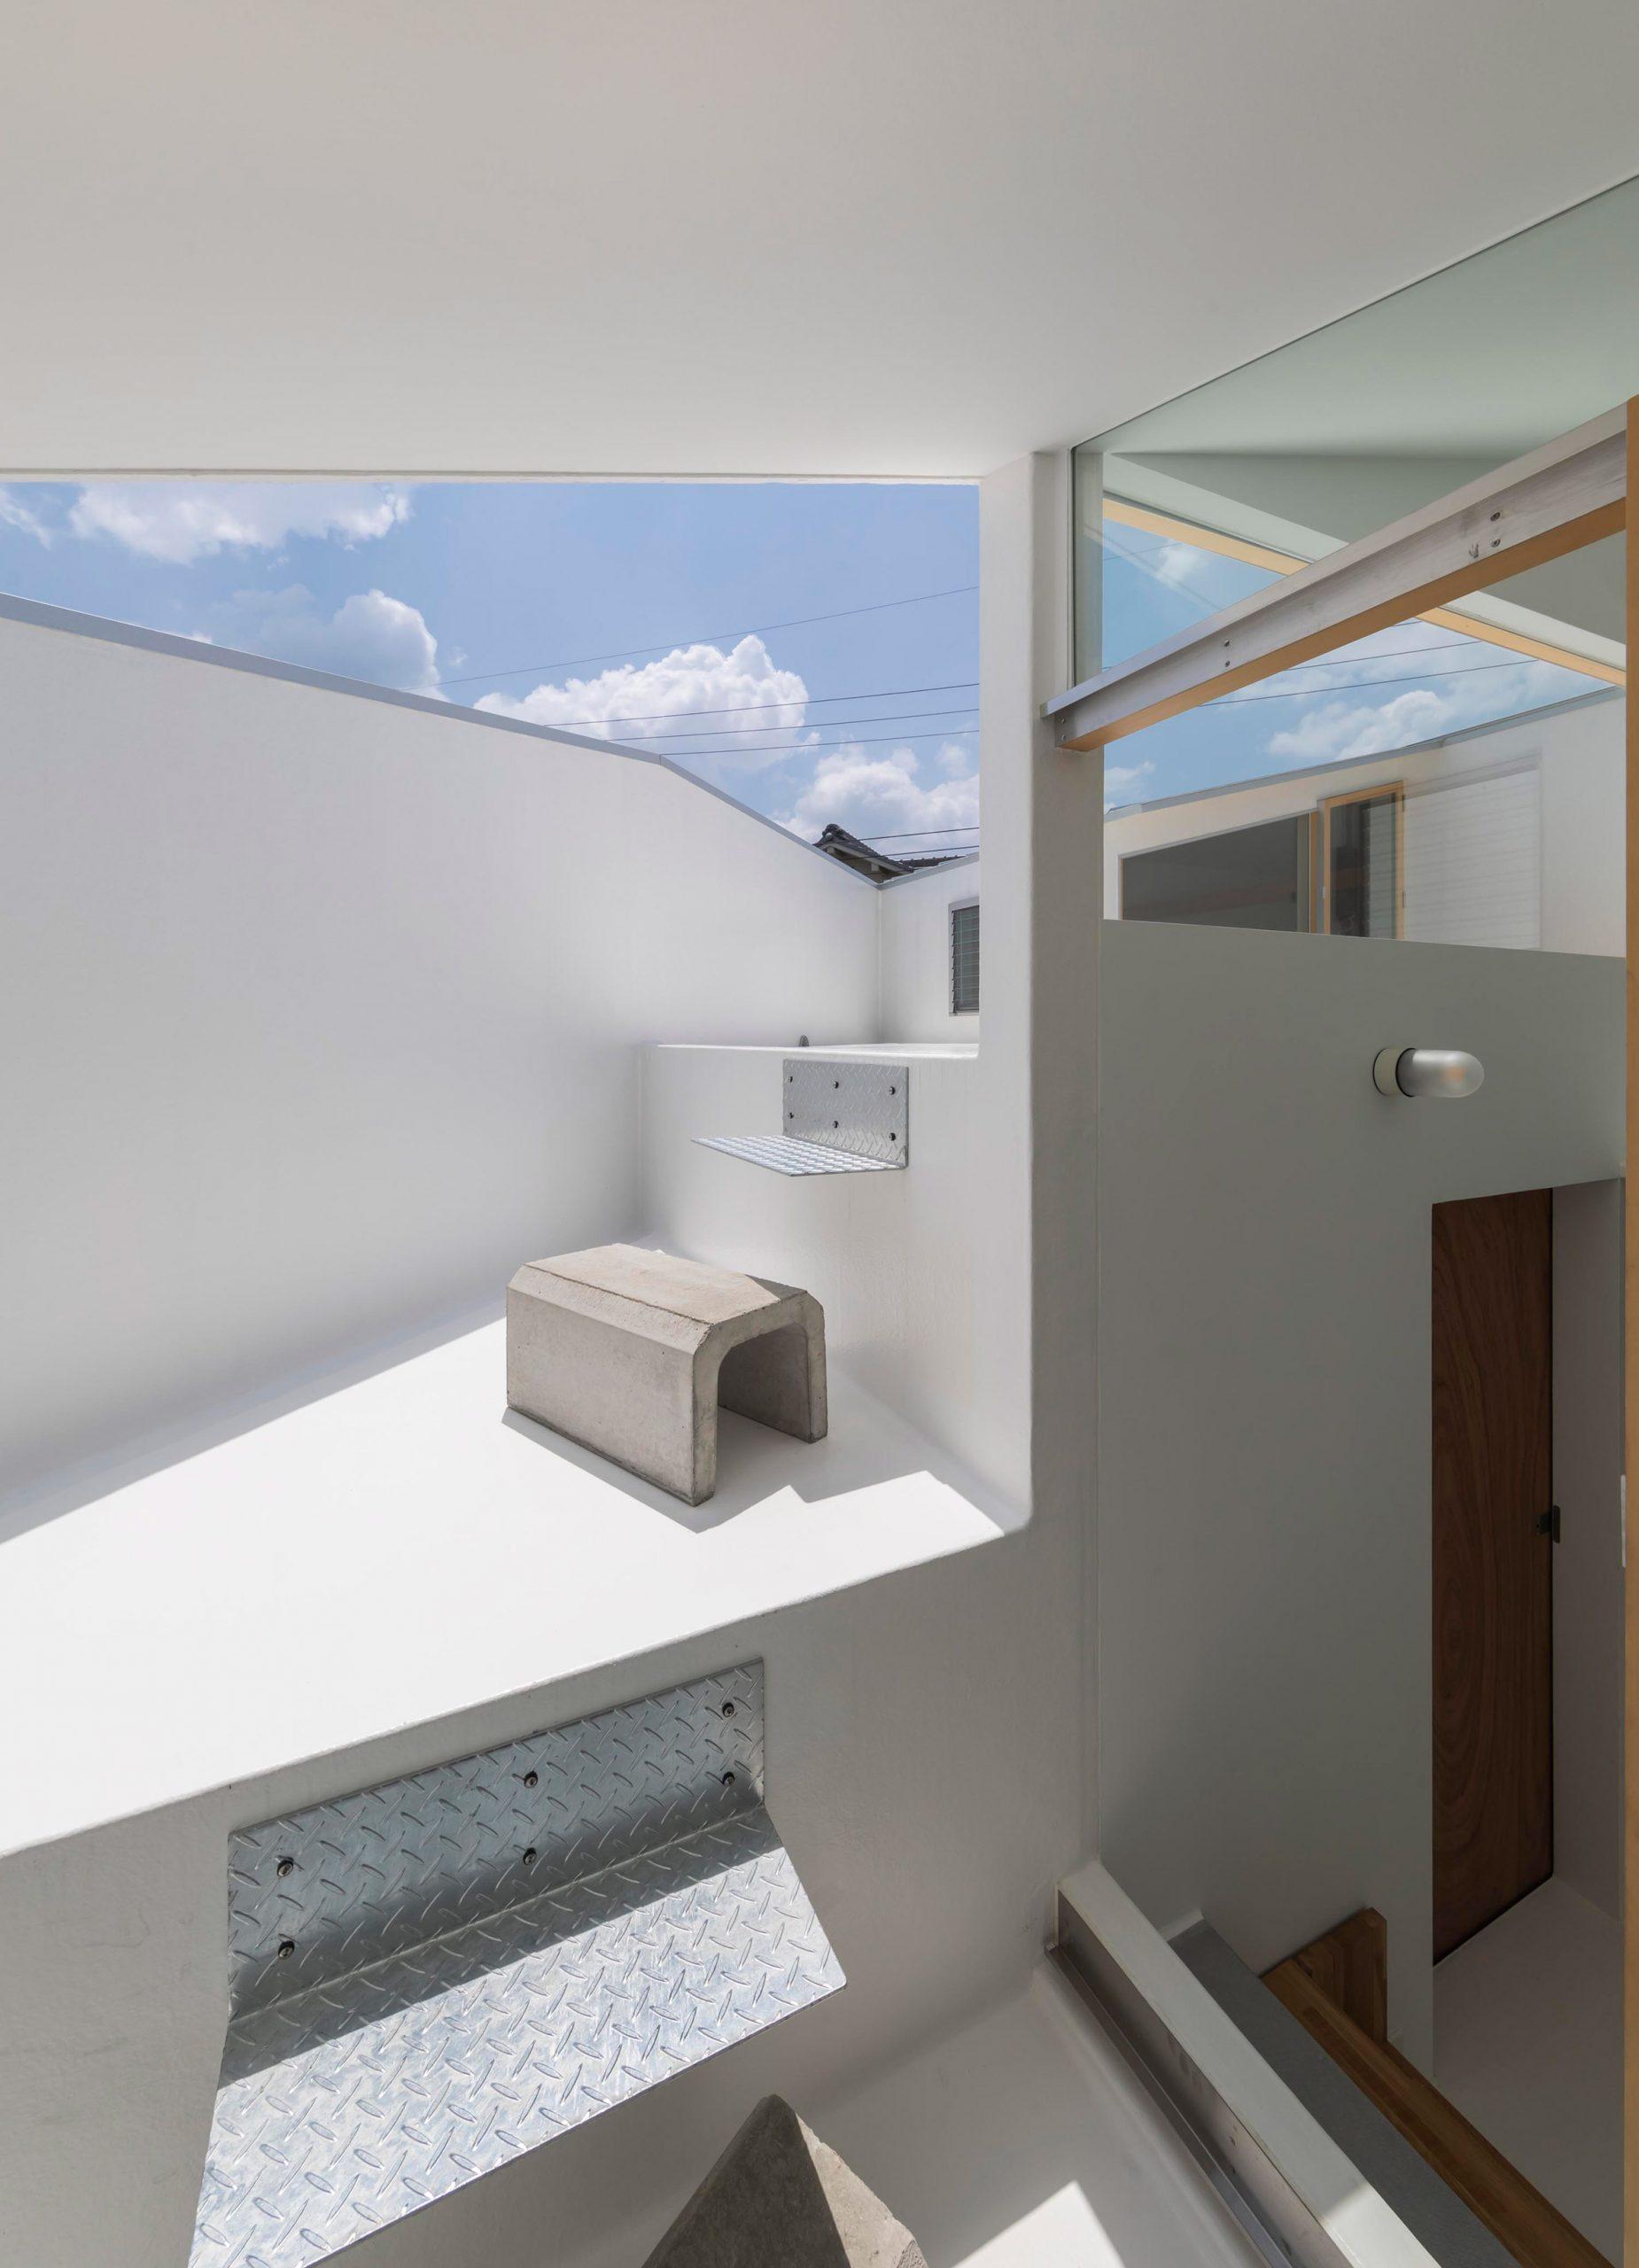 Thiết kế nội thất căn hộ nhỏ 22